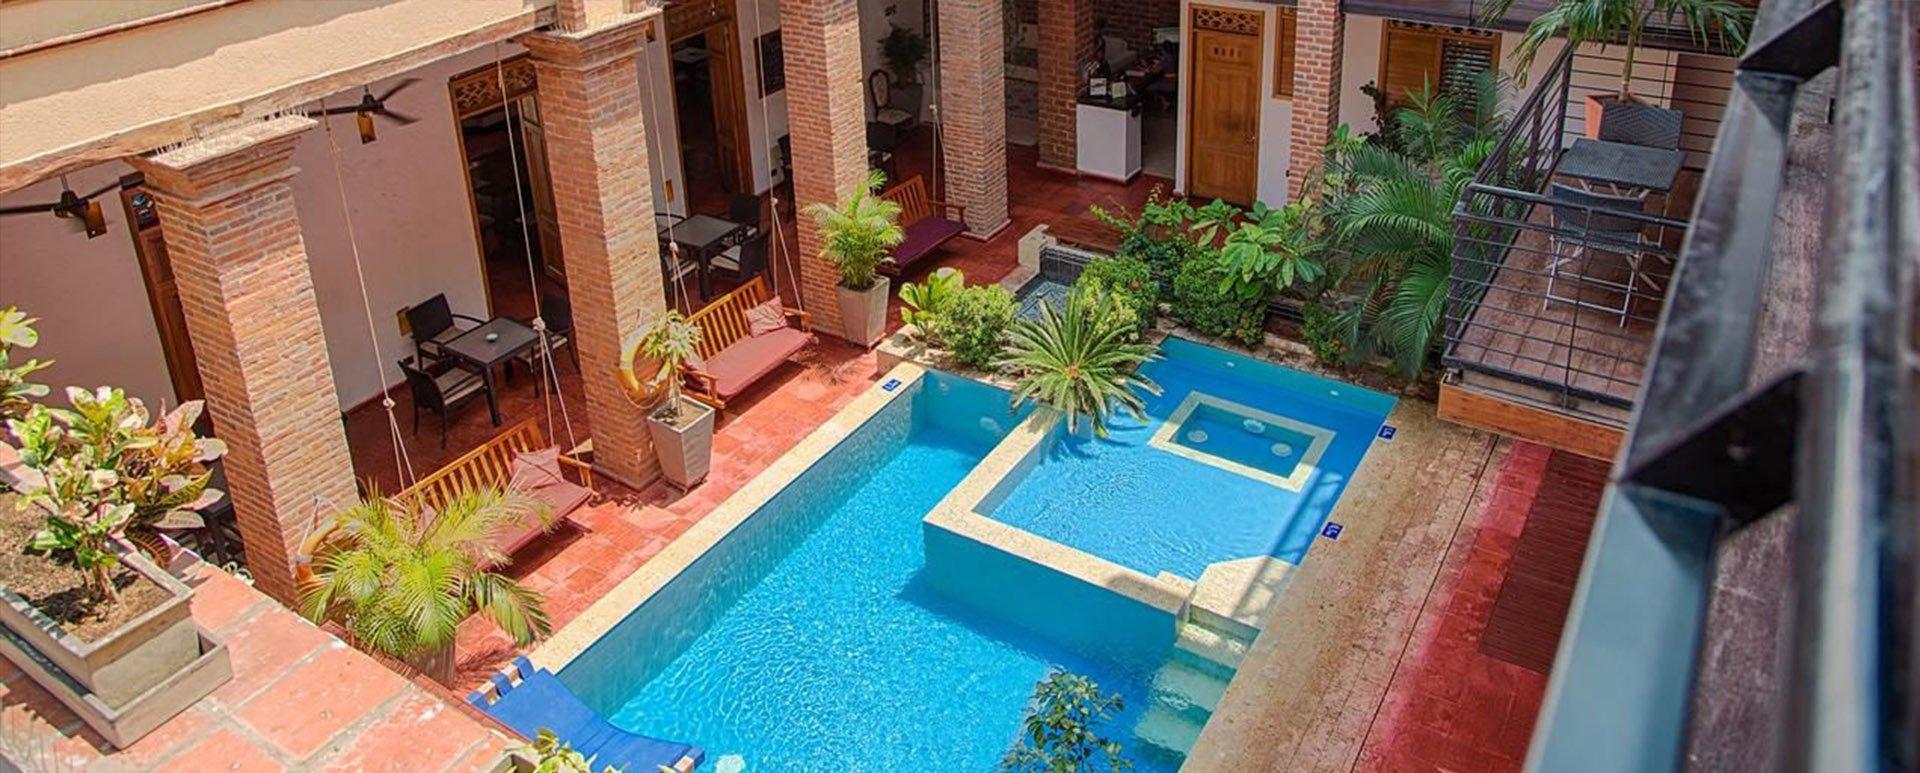 Casa carolina Hotel Pool area